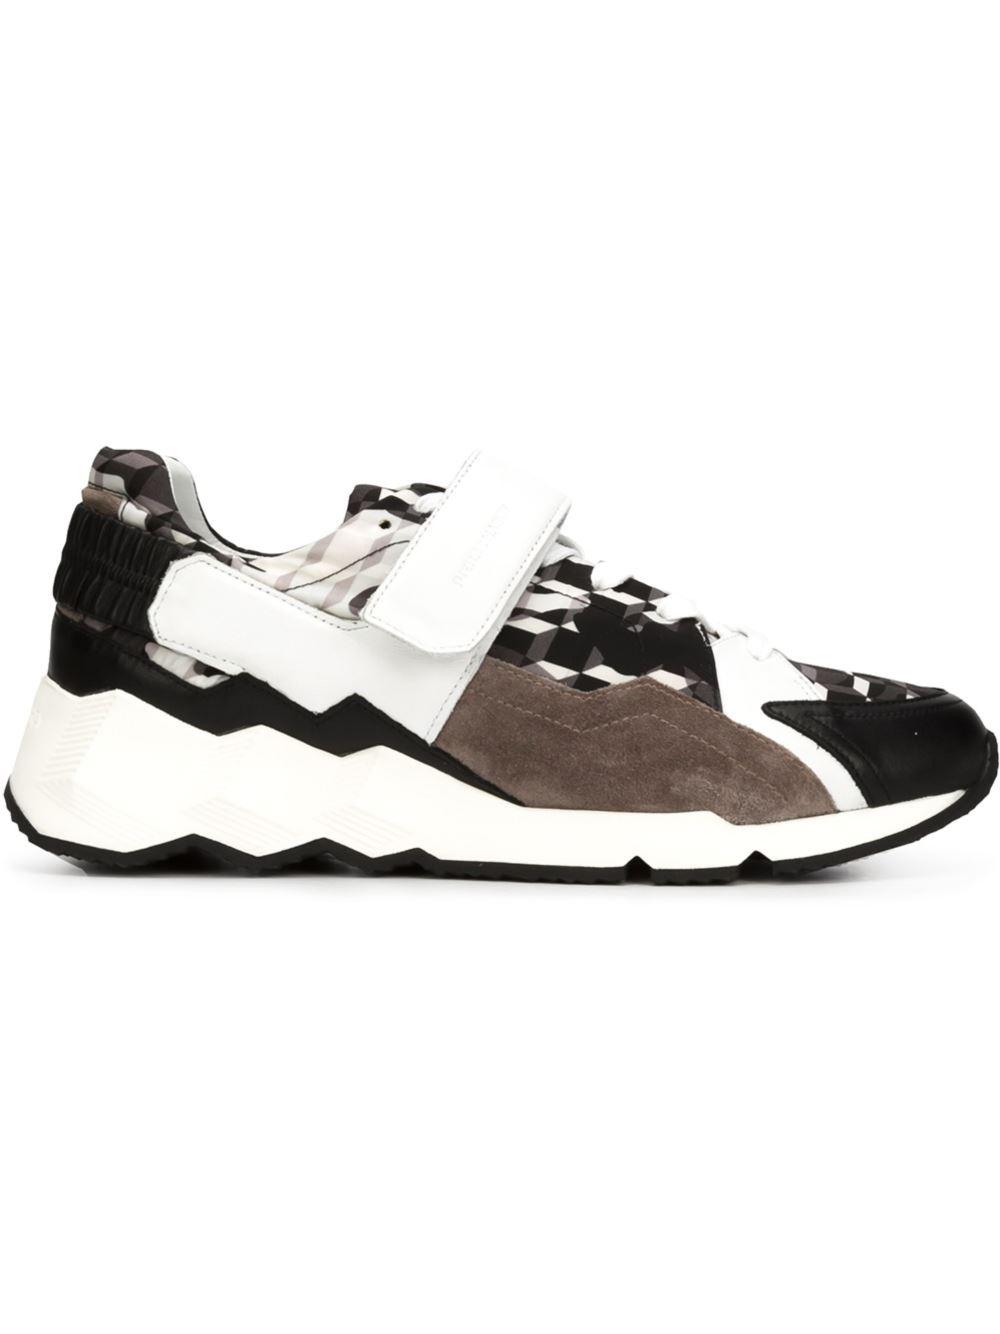 Sneakers homme pierre hardy